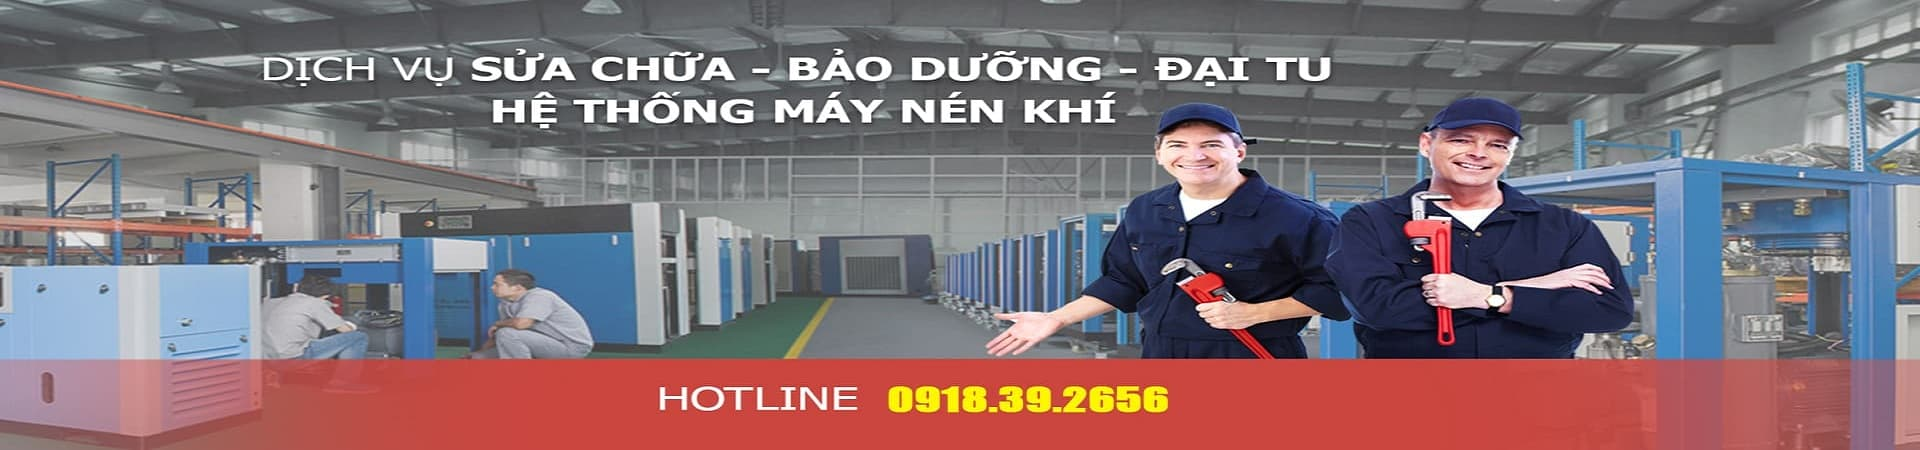 Banner Bao duong